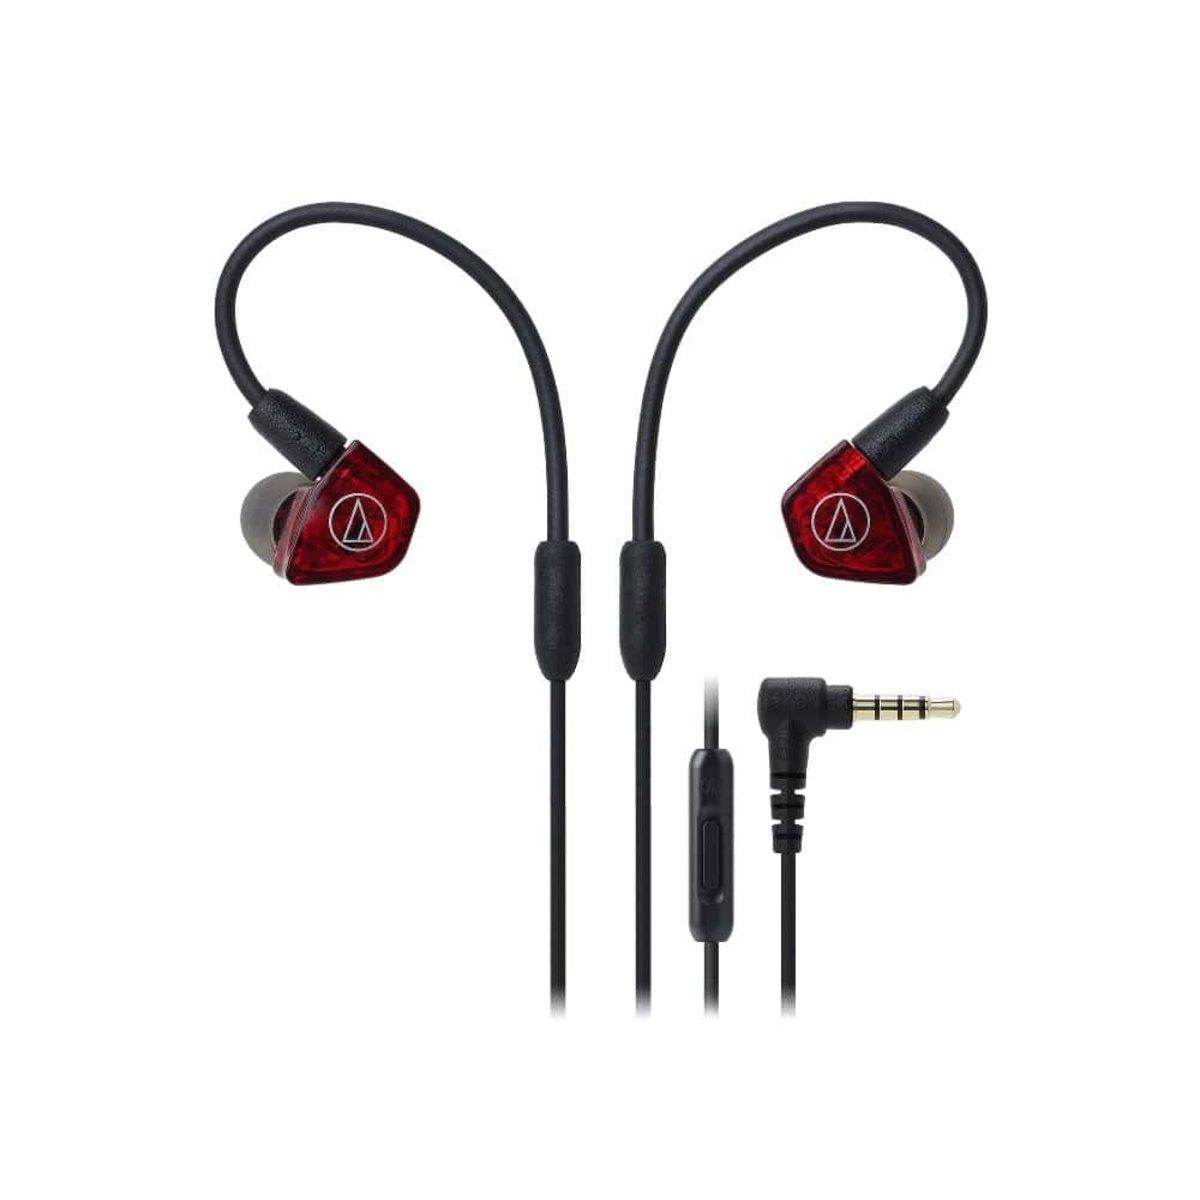 Fone de Ouvido Earphone Mic In-ear Audio Technica Ath-ls200is